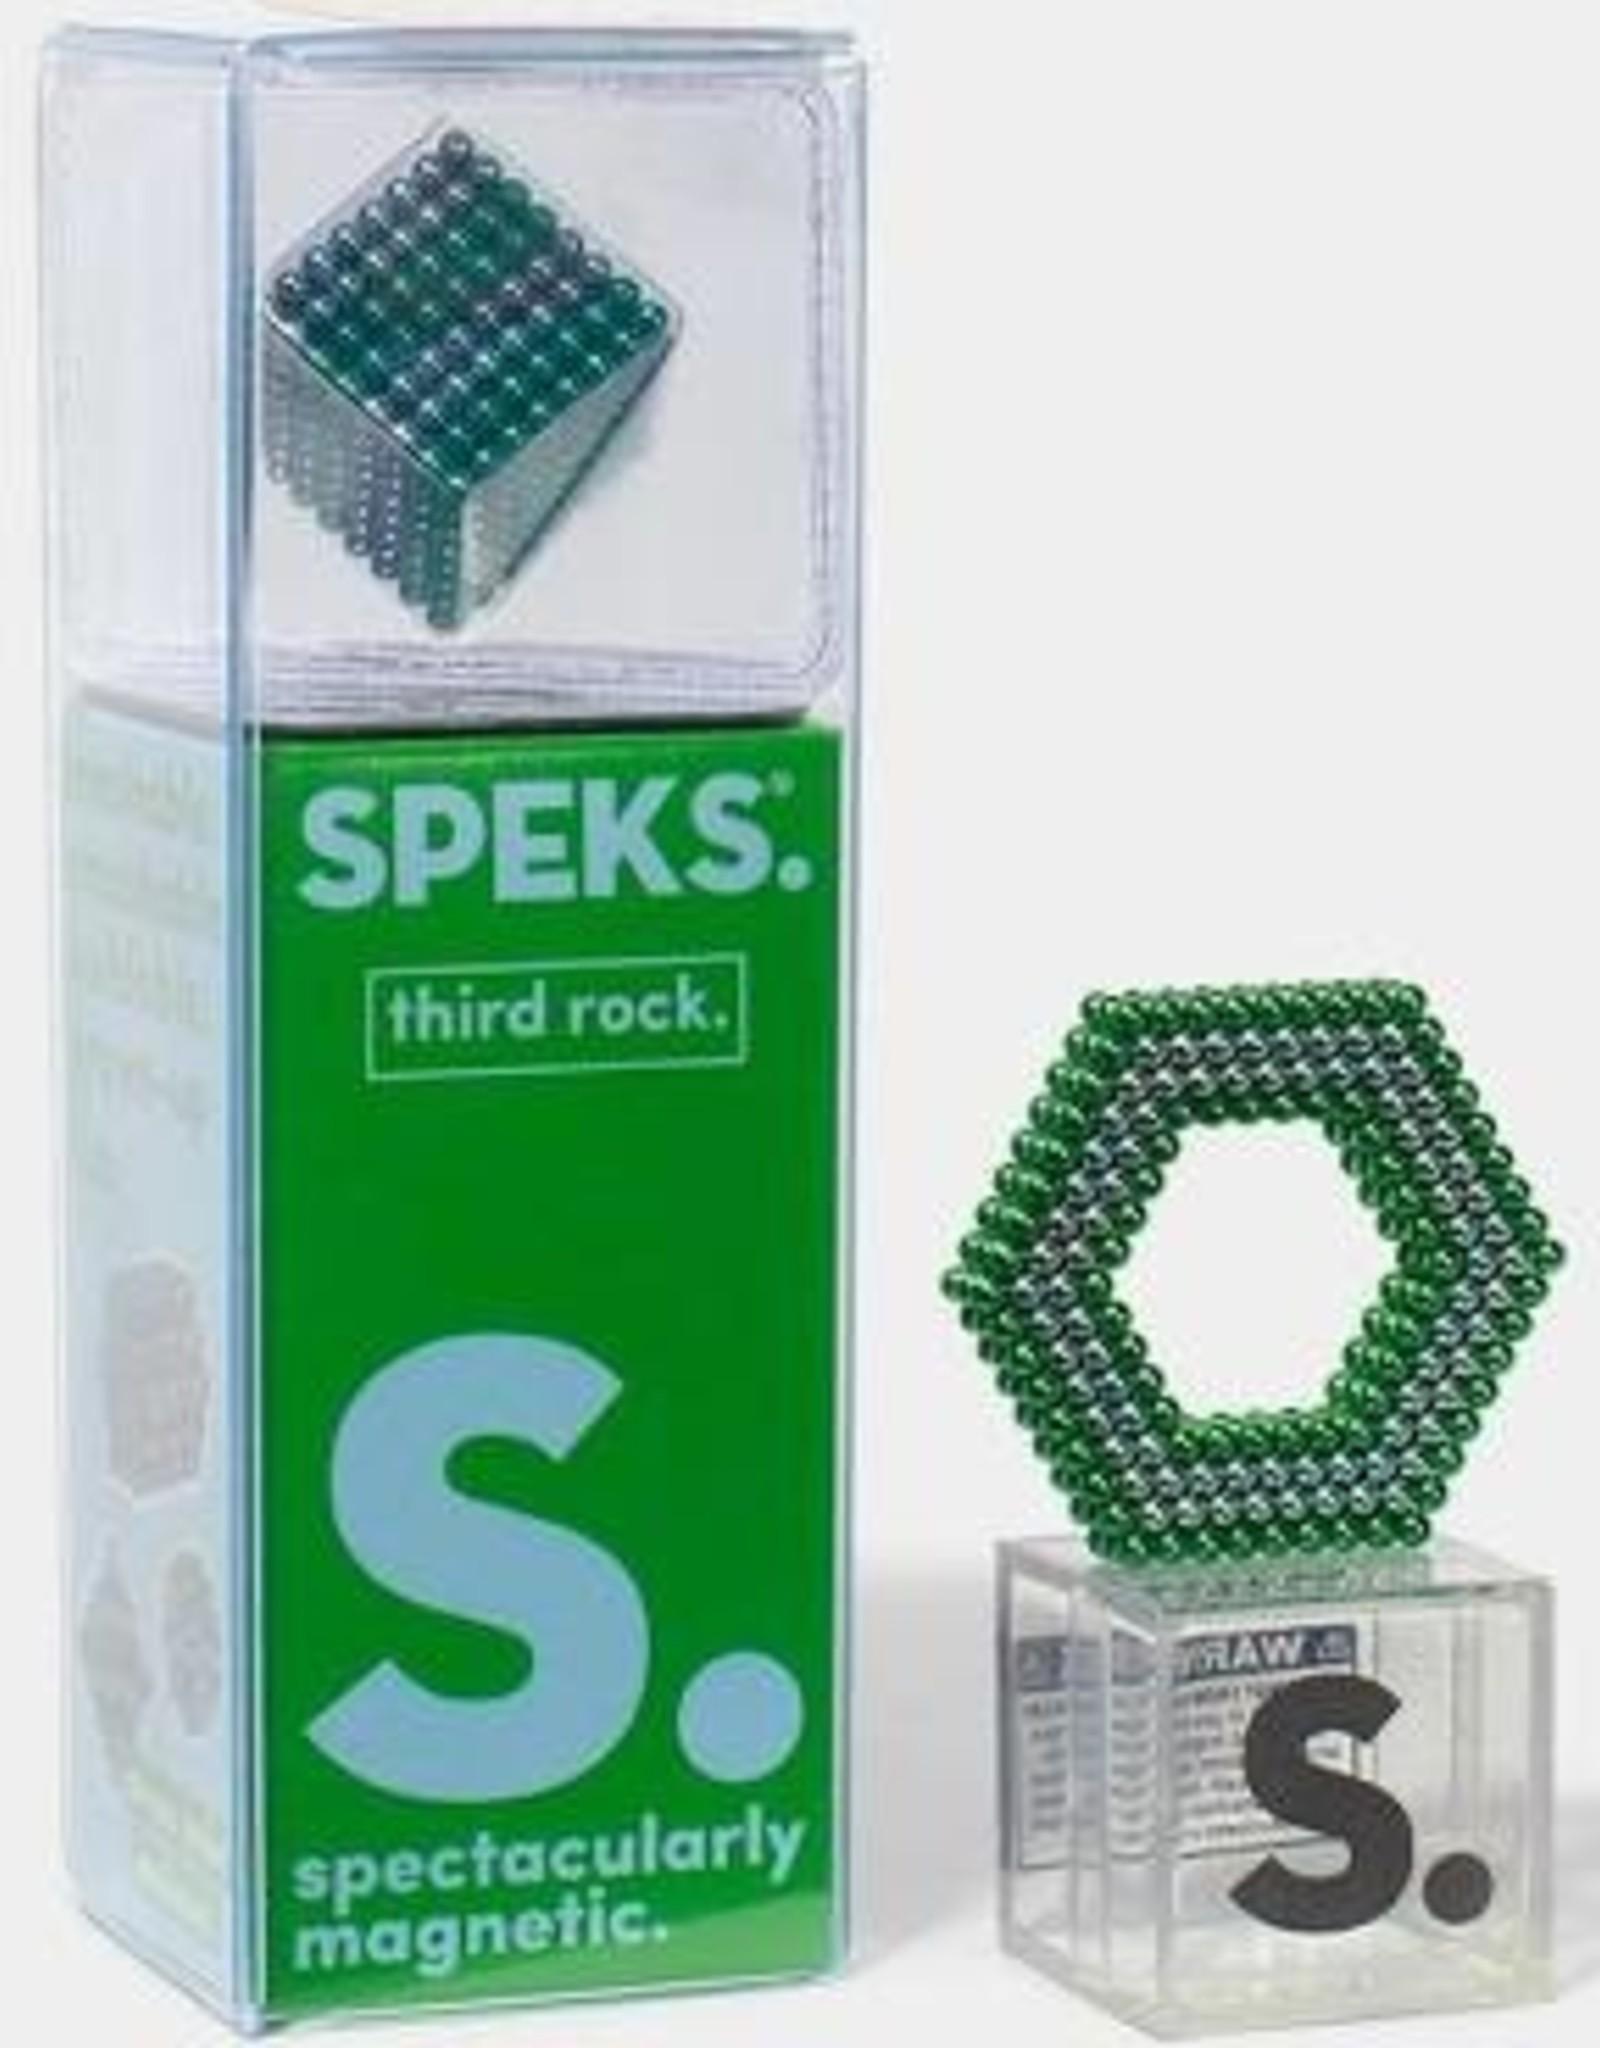 Speks SPEKS Third Rock